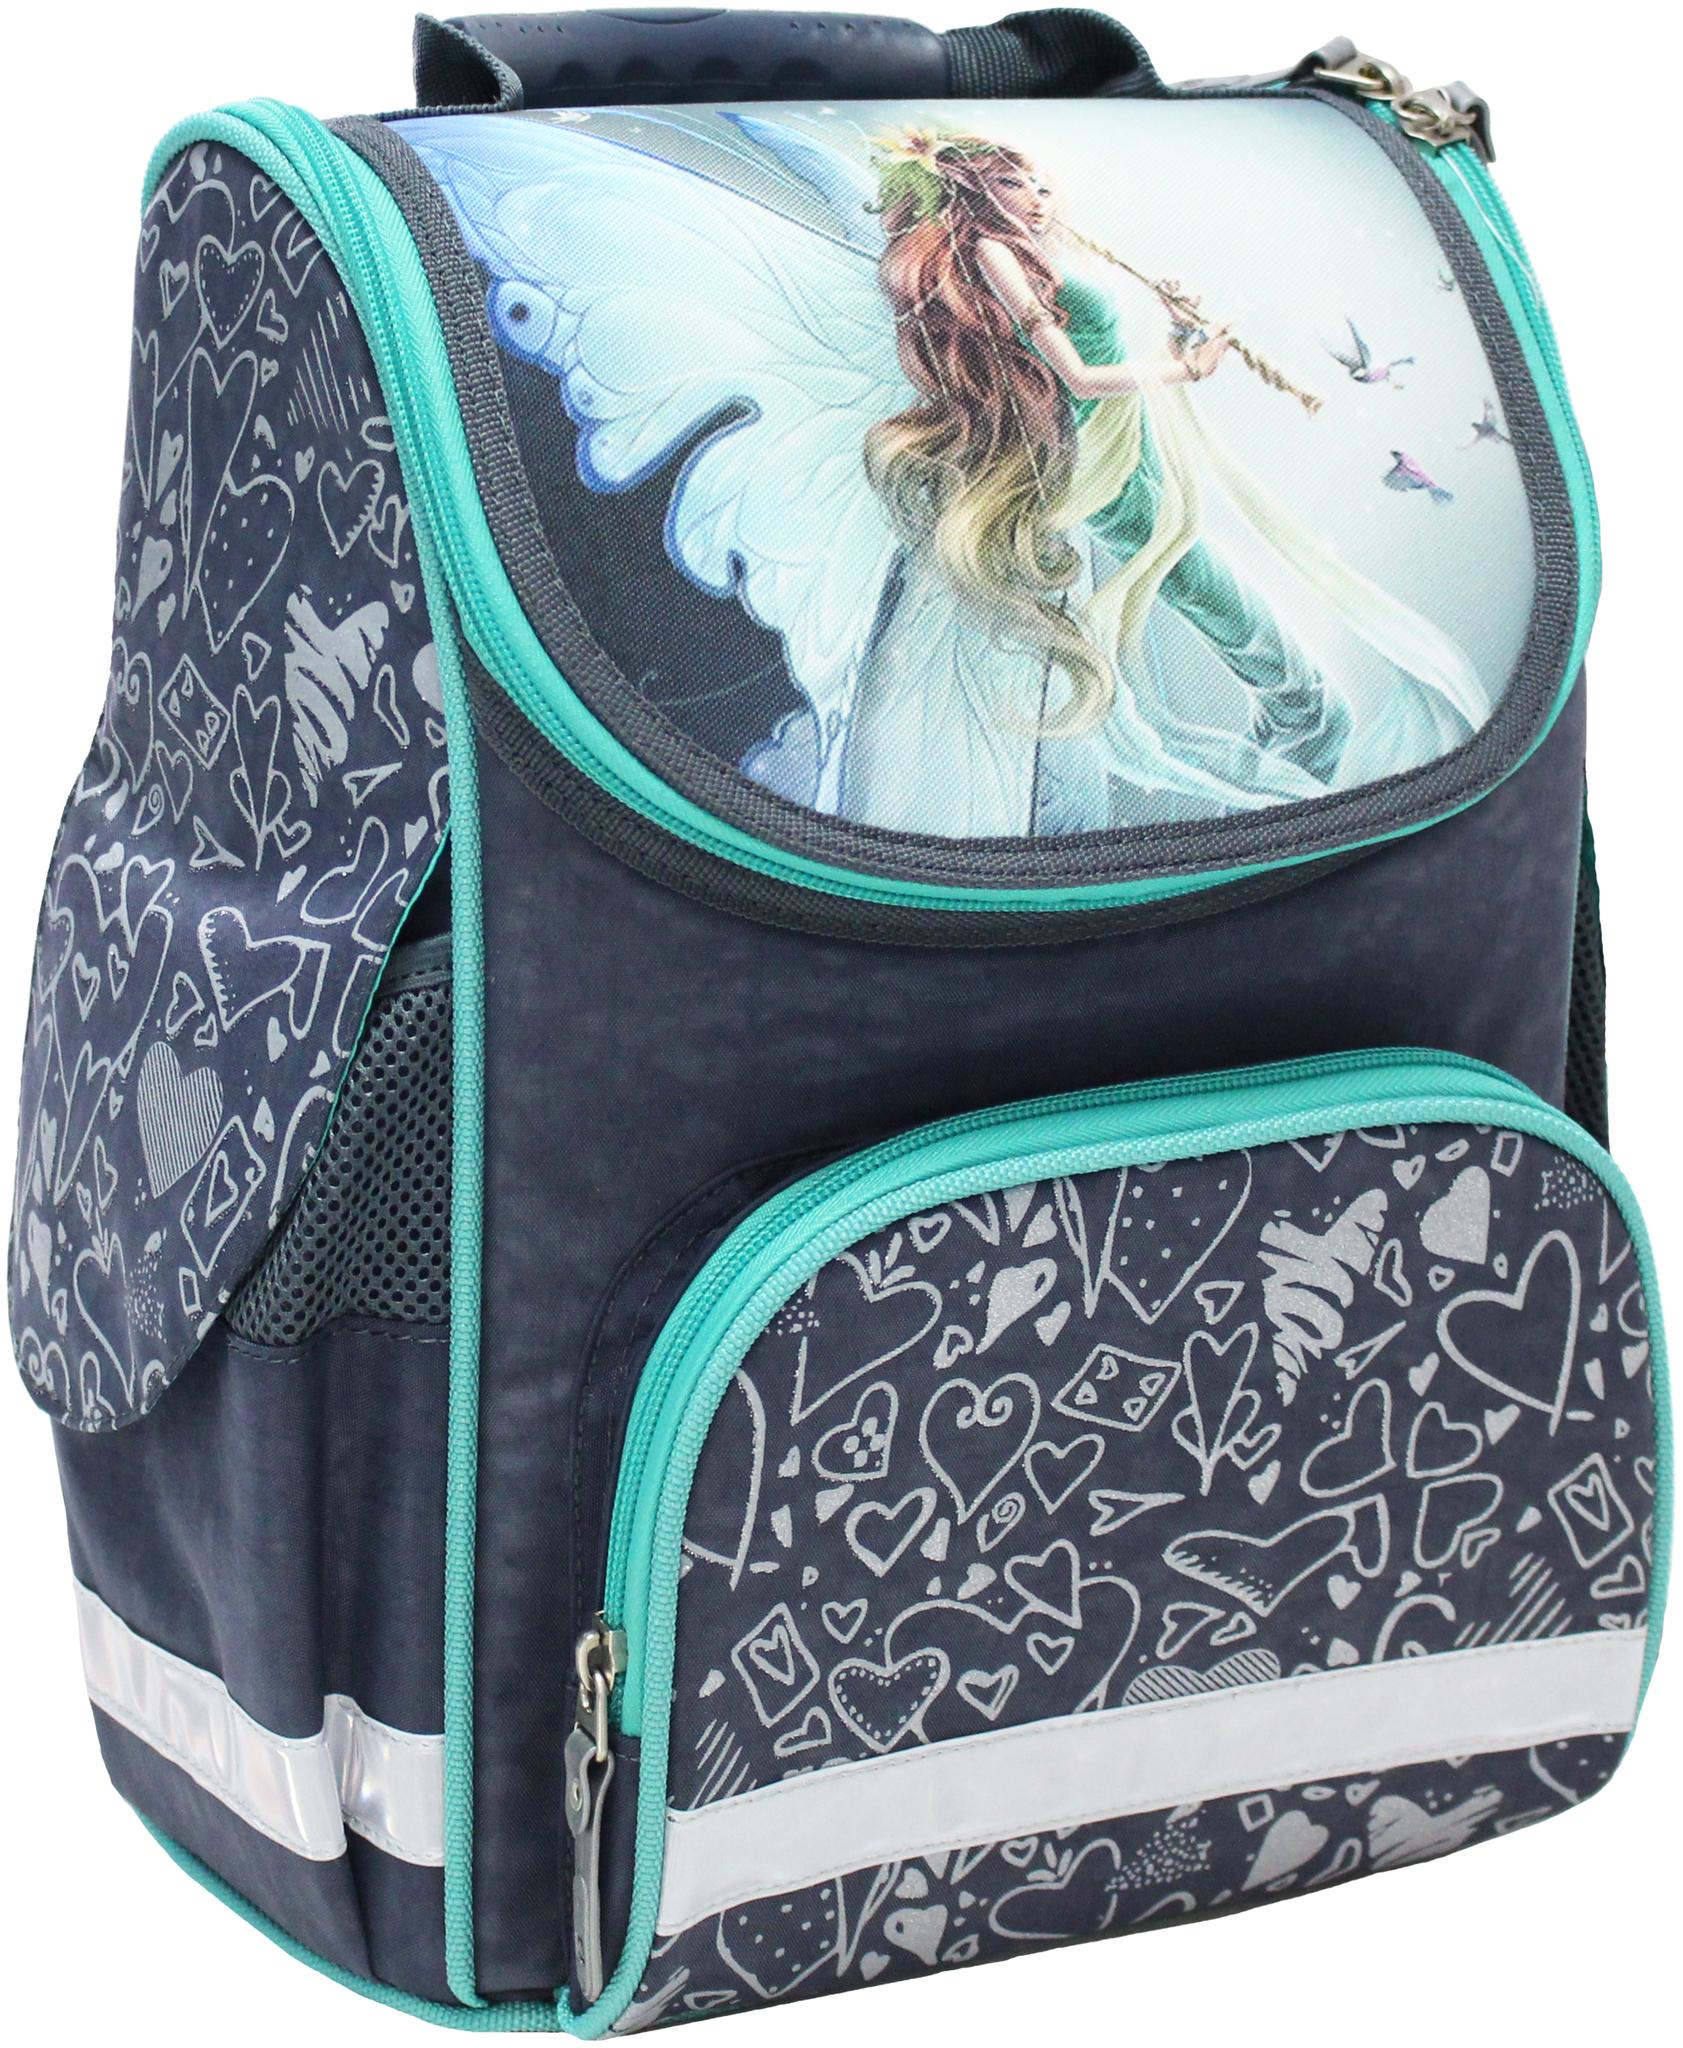 Школьные рюкзаки Рюкзак школьный каркасный Bagland Успех 12 л. 321 сірий 90 д (00551702) IMG_4710.JPG